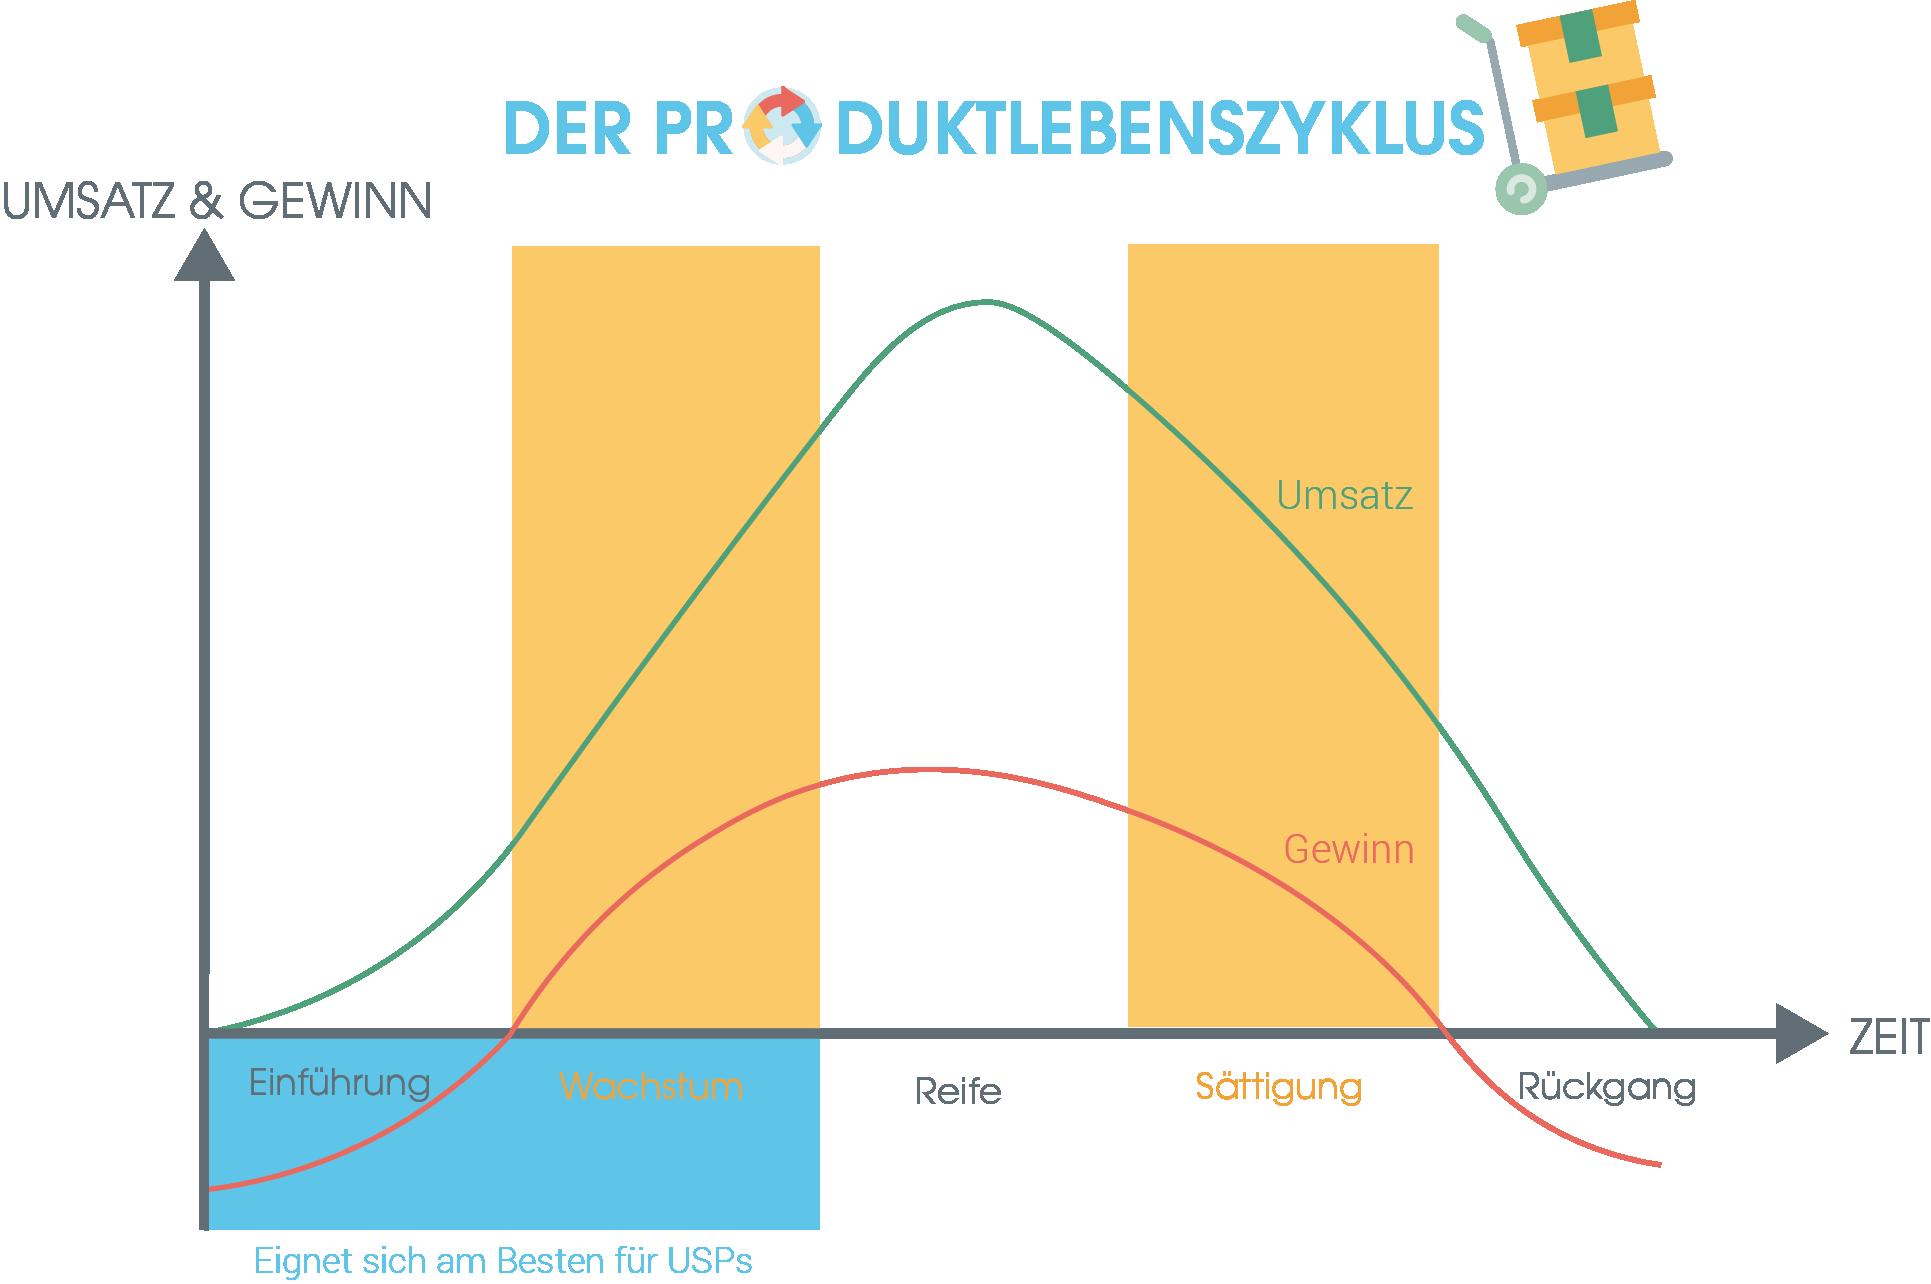 Während der ersten beiden Phasen des Produktlebenszyklus (Einführung und Wachstum) sind USPs besonders relevant